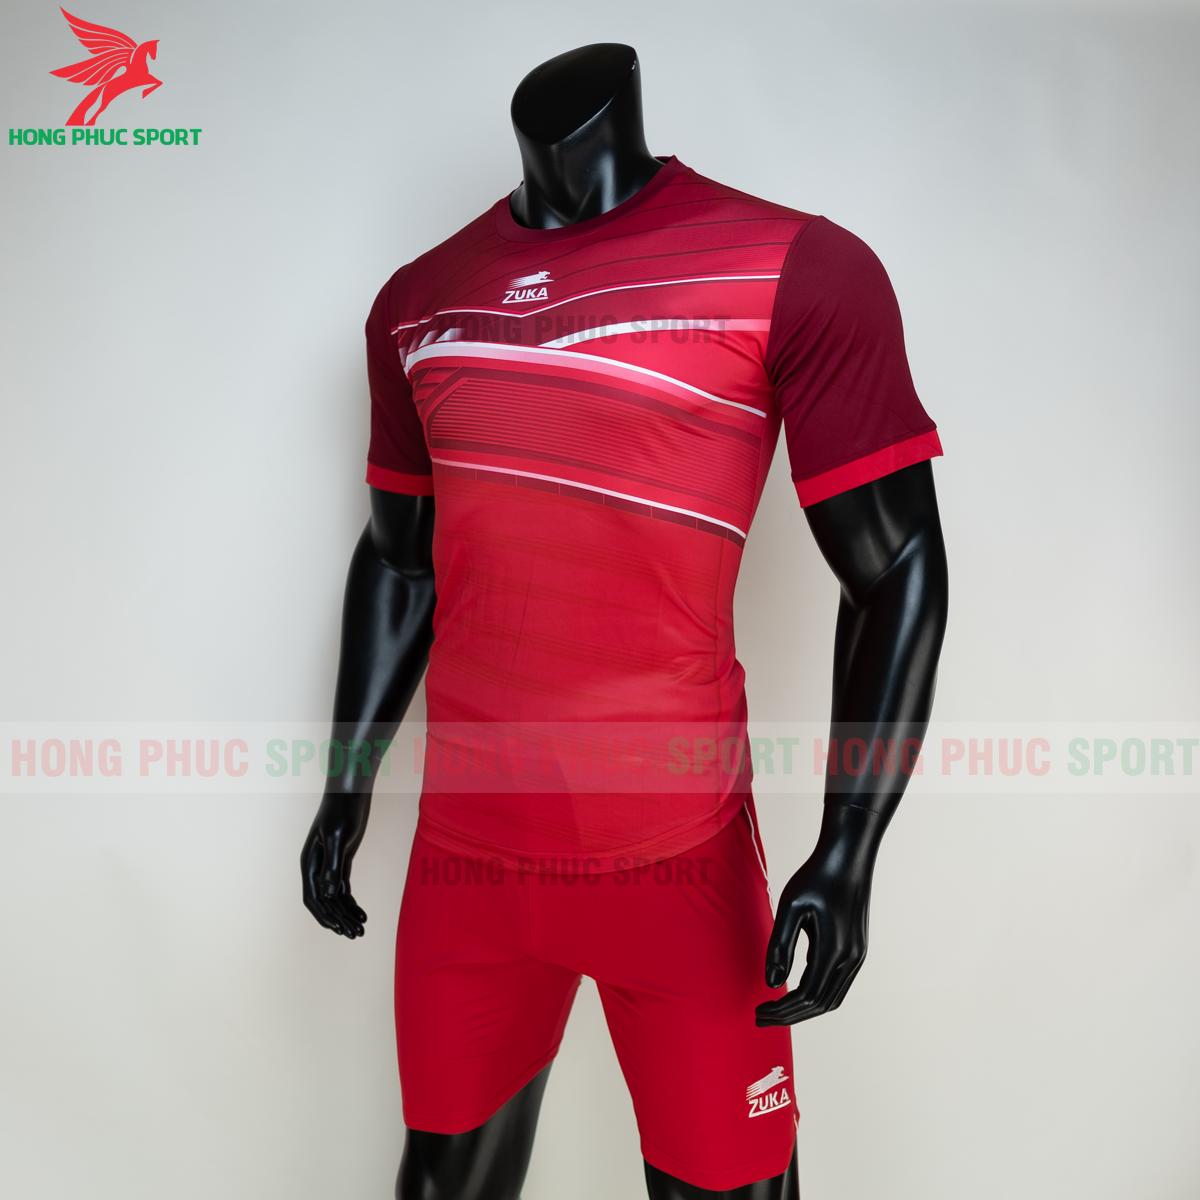 Áo đá banh không logo ZUKA 01 2021 màu Đỏ (trái)